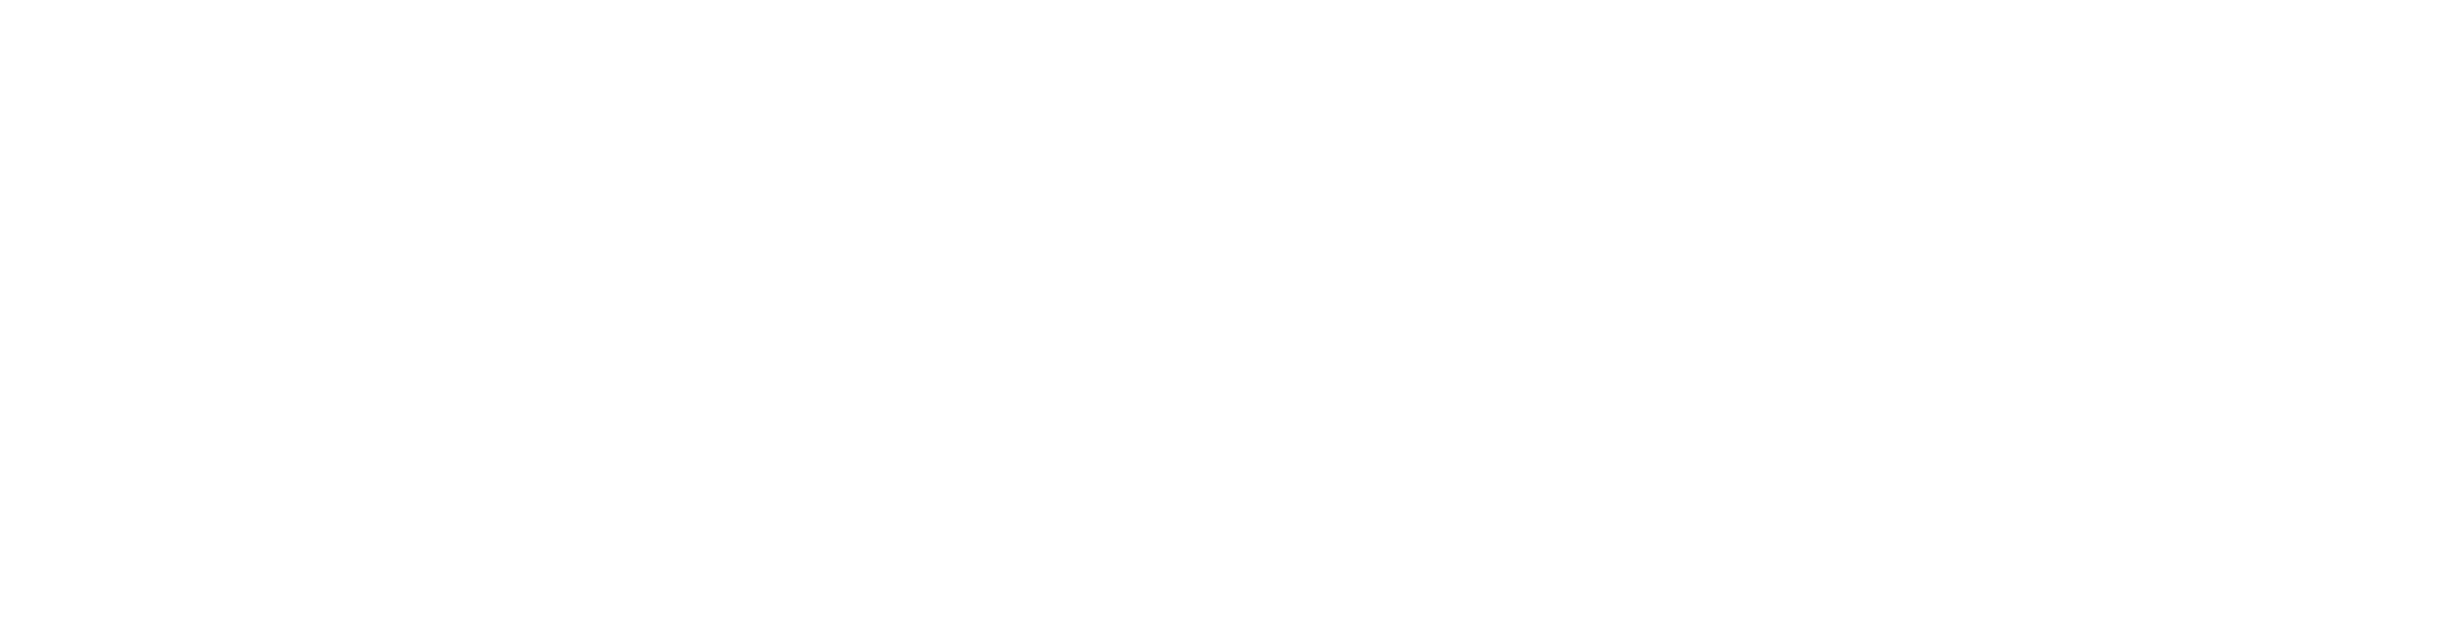 ENGAGE logo white.png